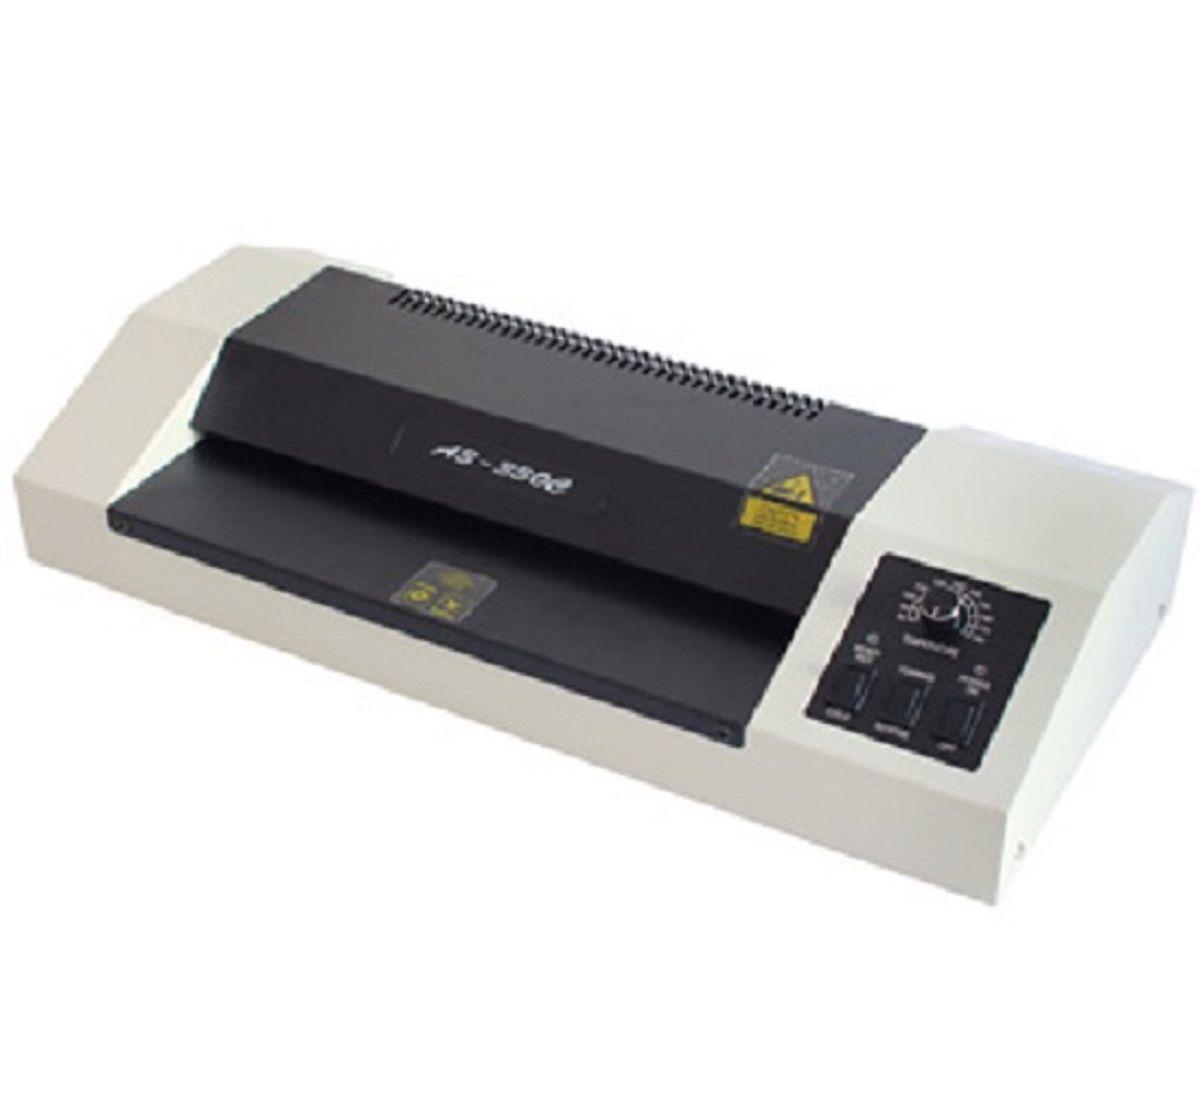 Kit Laminadora 220v Cortador Guilhotina Furador e PVC (PET) para Produção de Crachás - Impressora à Laser  - Click Suprimentos